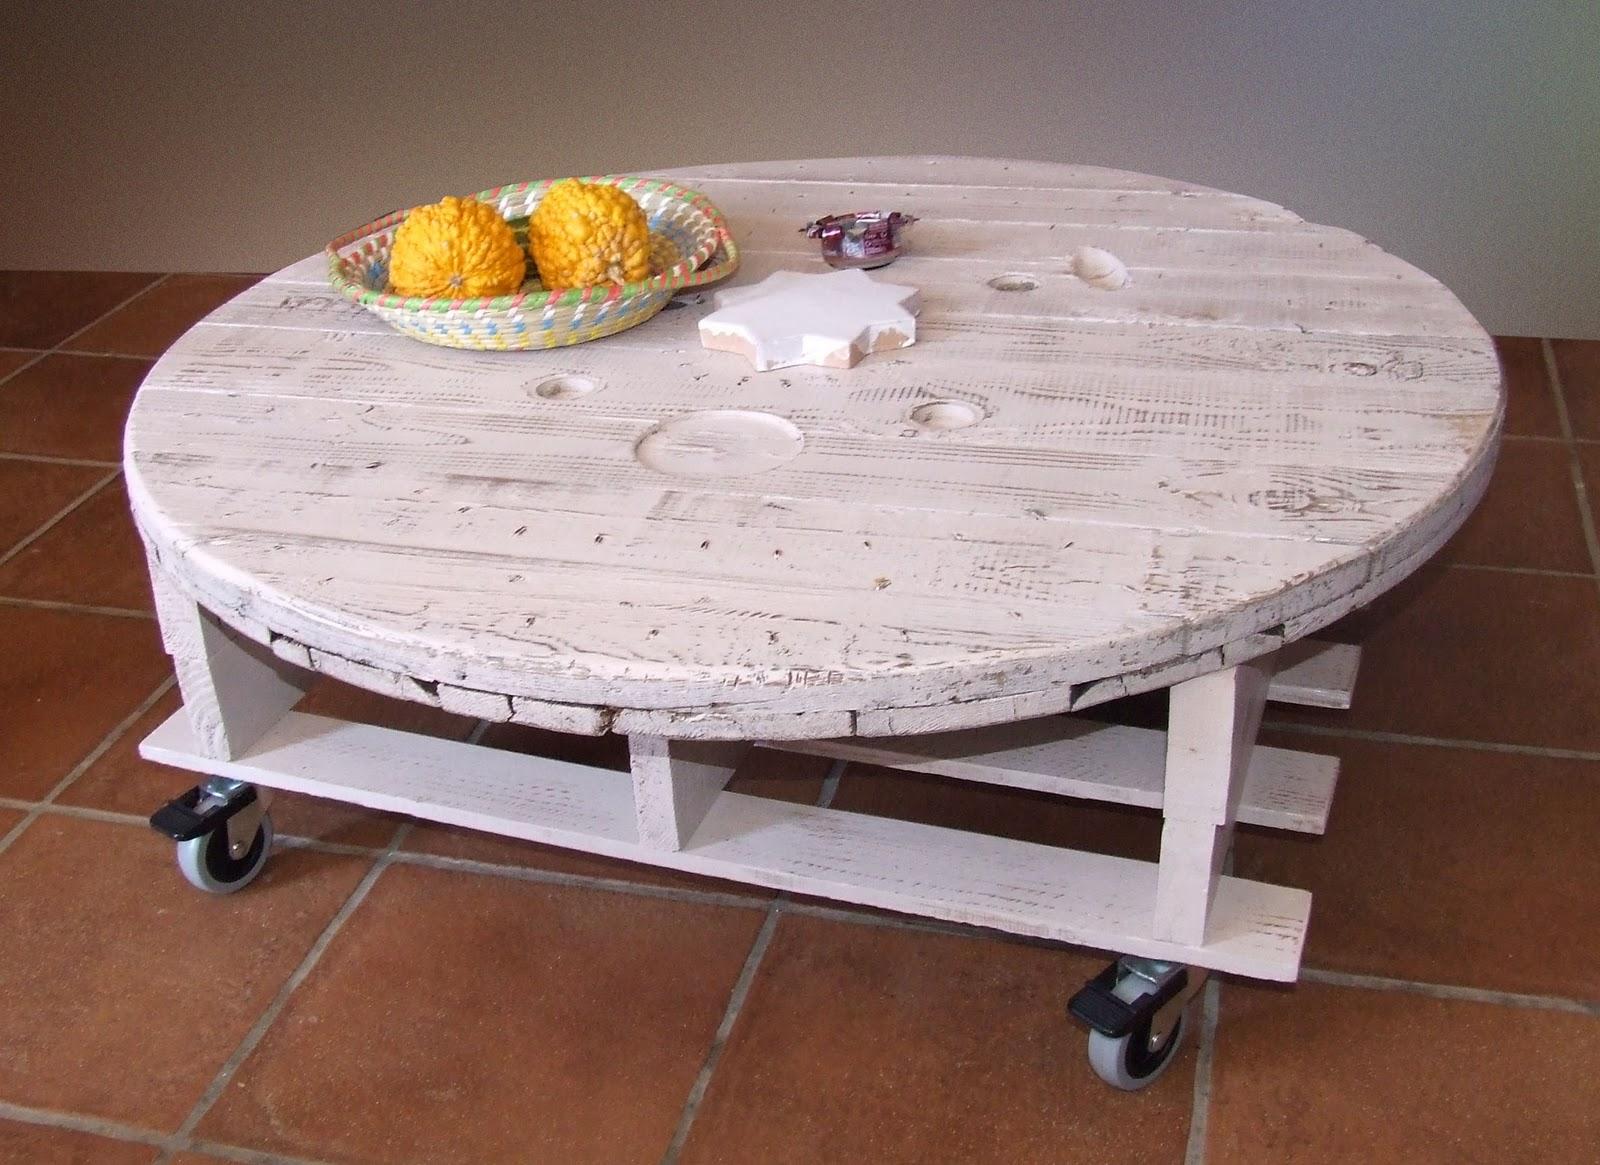 Las cosas de marita mesa de palet reciclado - Reciclaje de pales ...